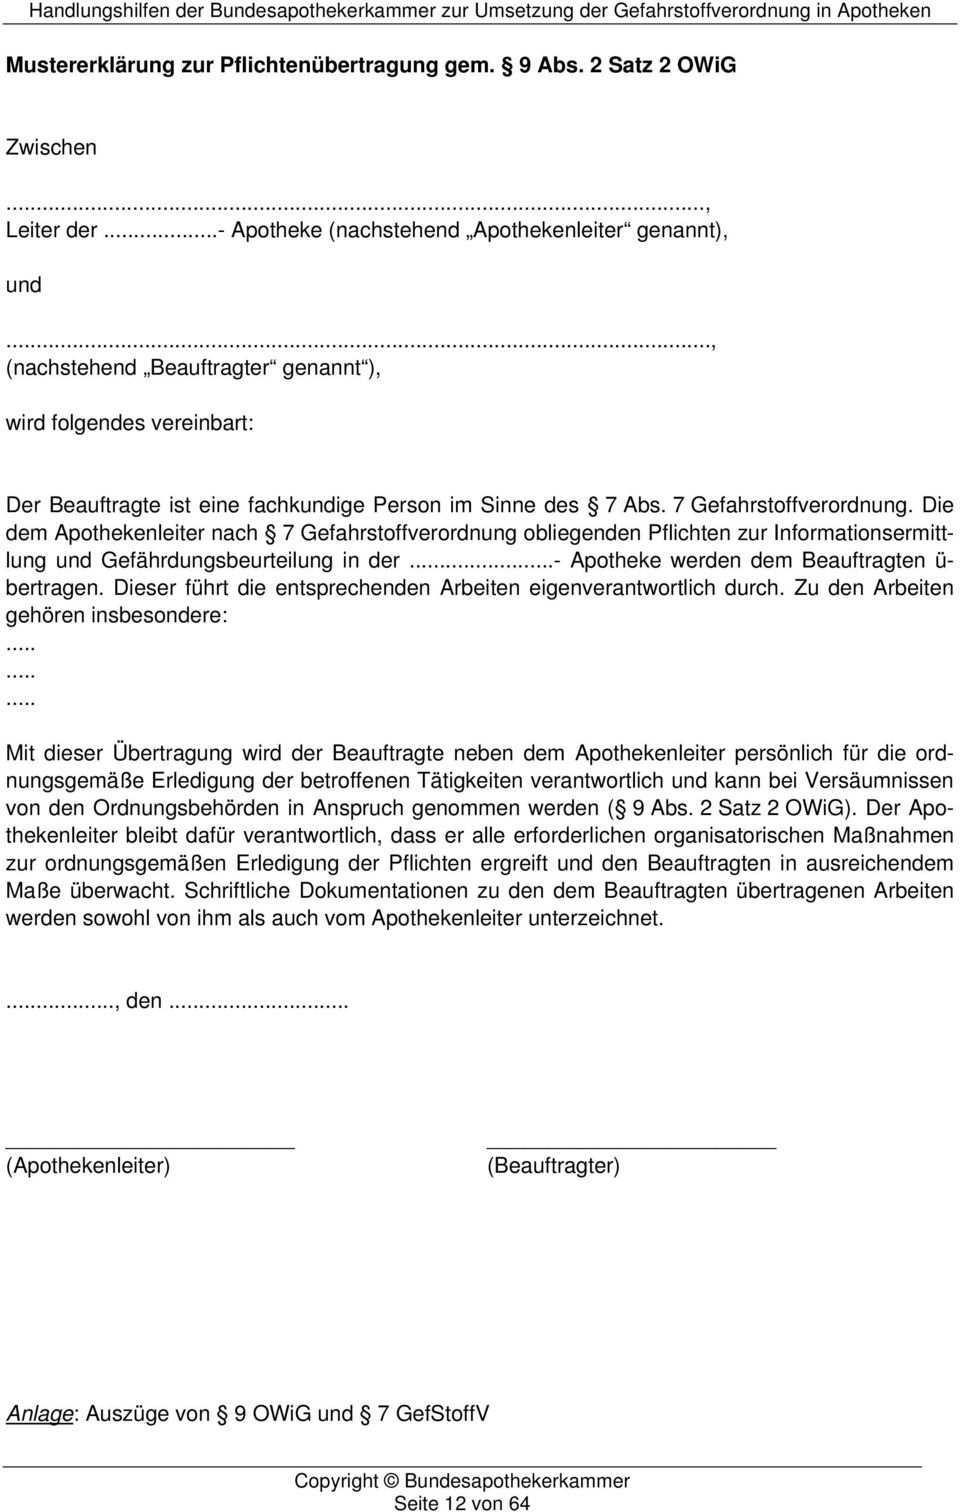 Handlungshilfen Der Bundesapothekerkammer Umsetzung Der Gefahrstoffverordnung In Apotheken Pdf Free Download